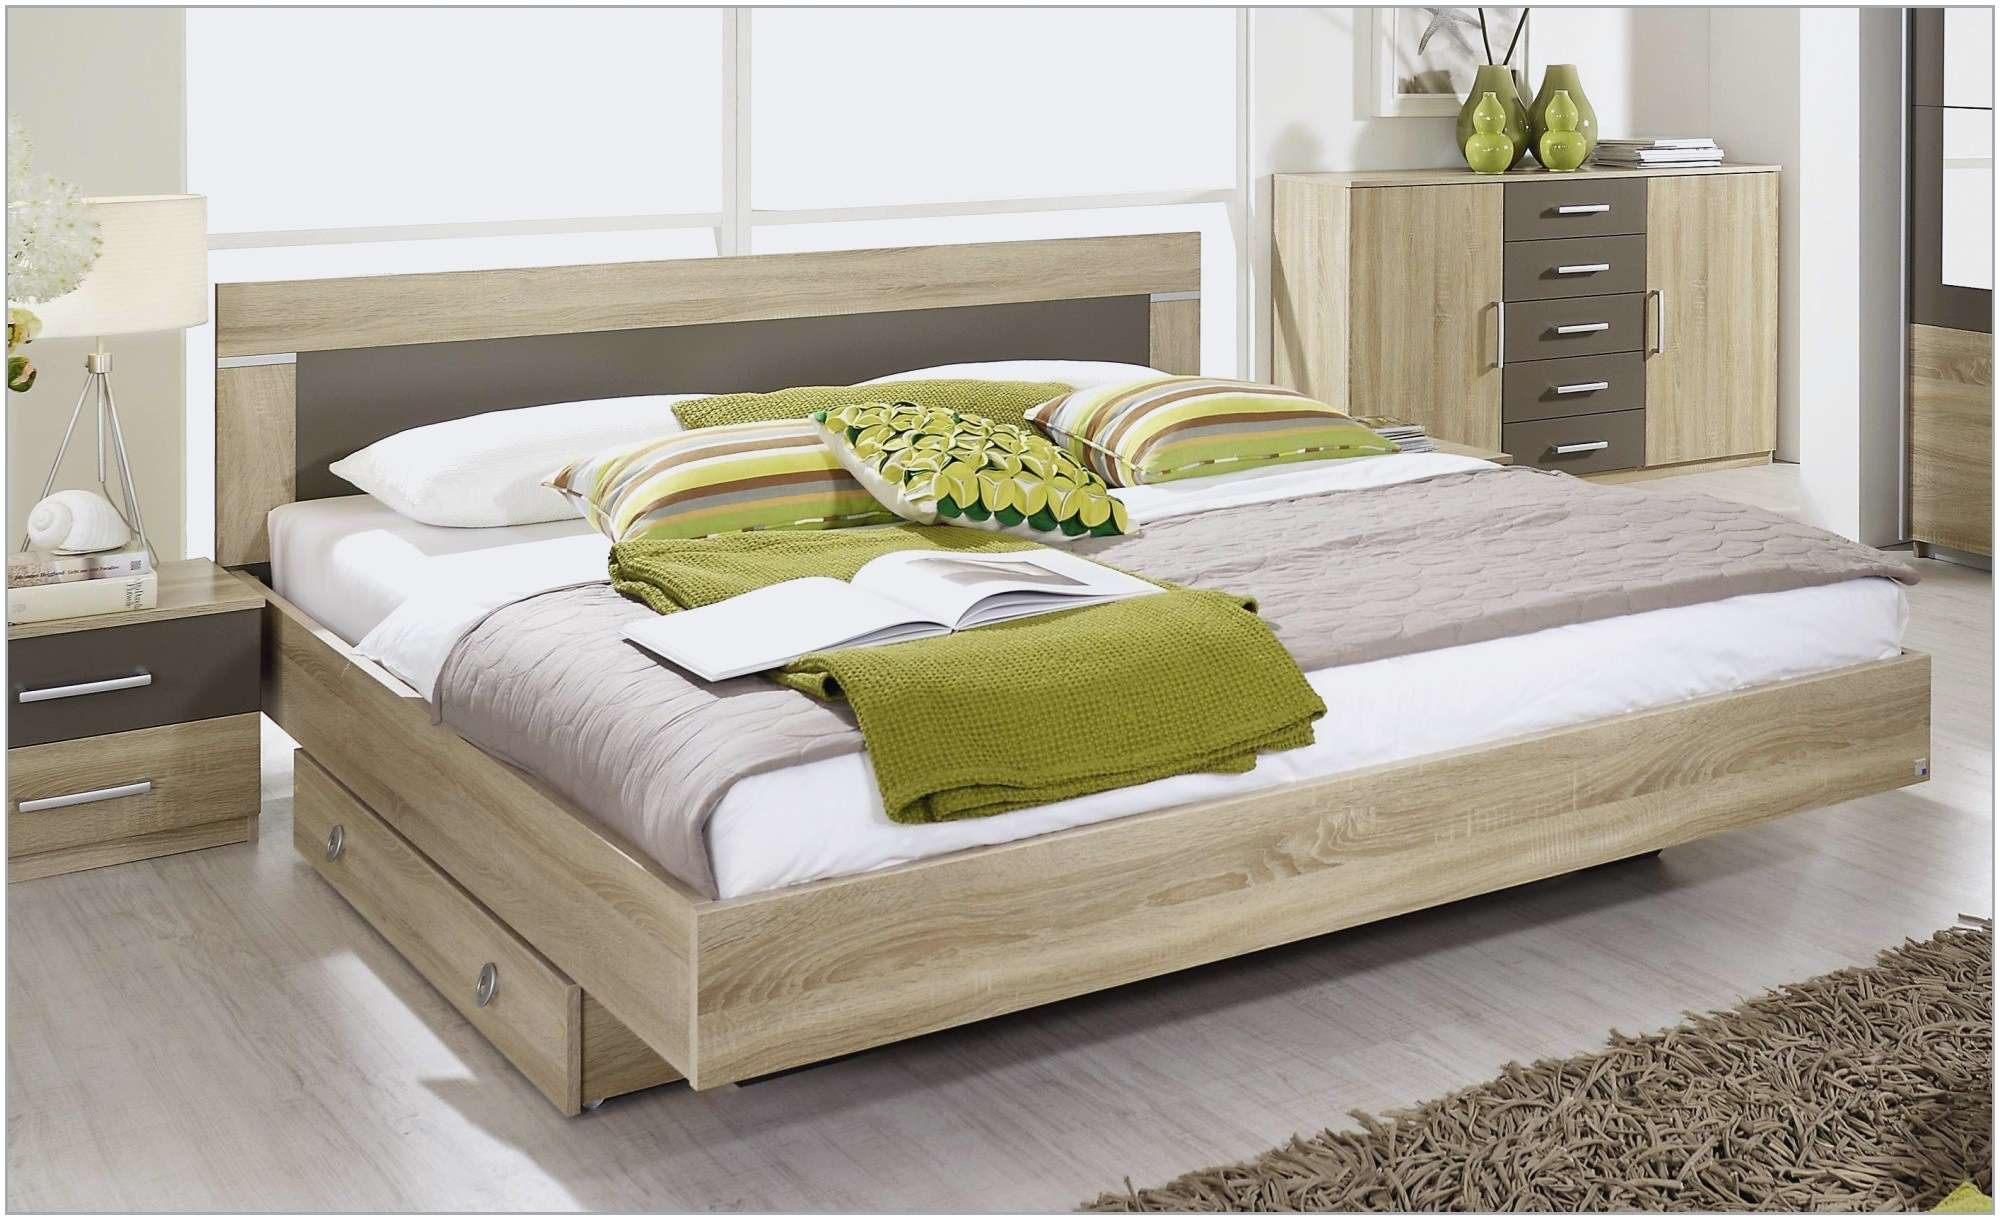 Lit 90 Avec Rangement Charmant Inspiré Cheval En Bois Ikea Impressionnant Image Tete De Lit Avec